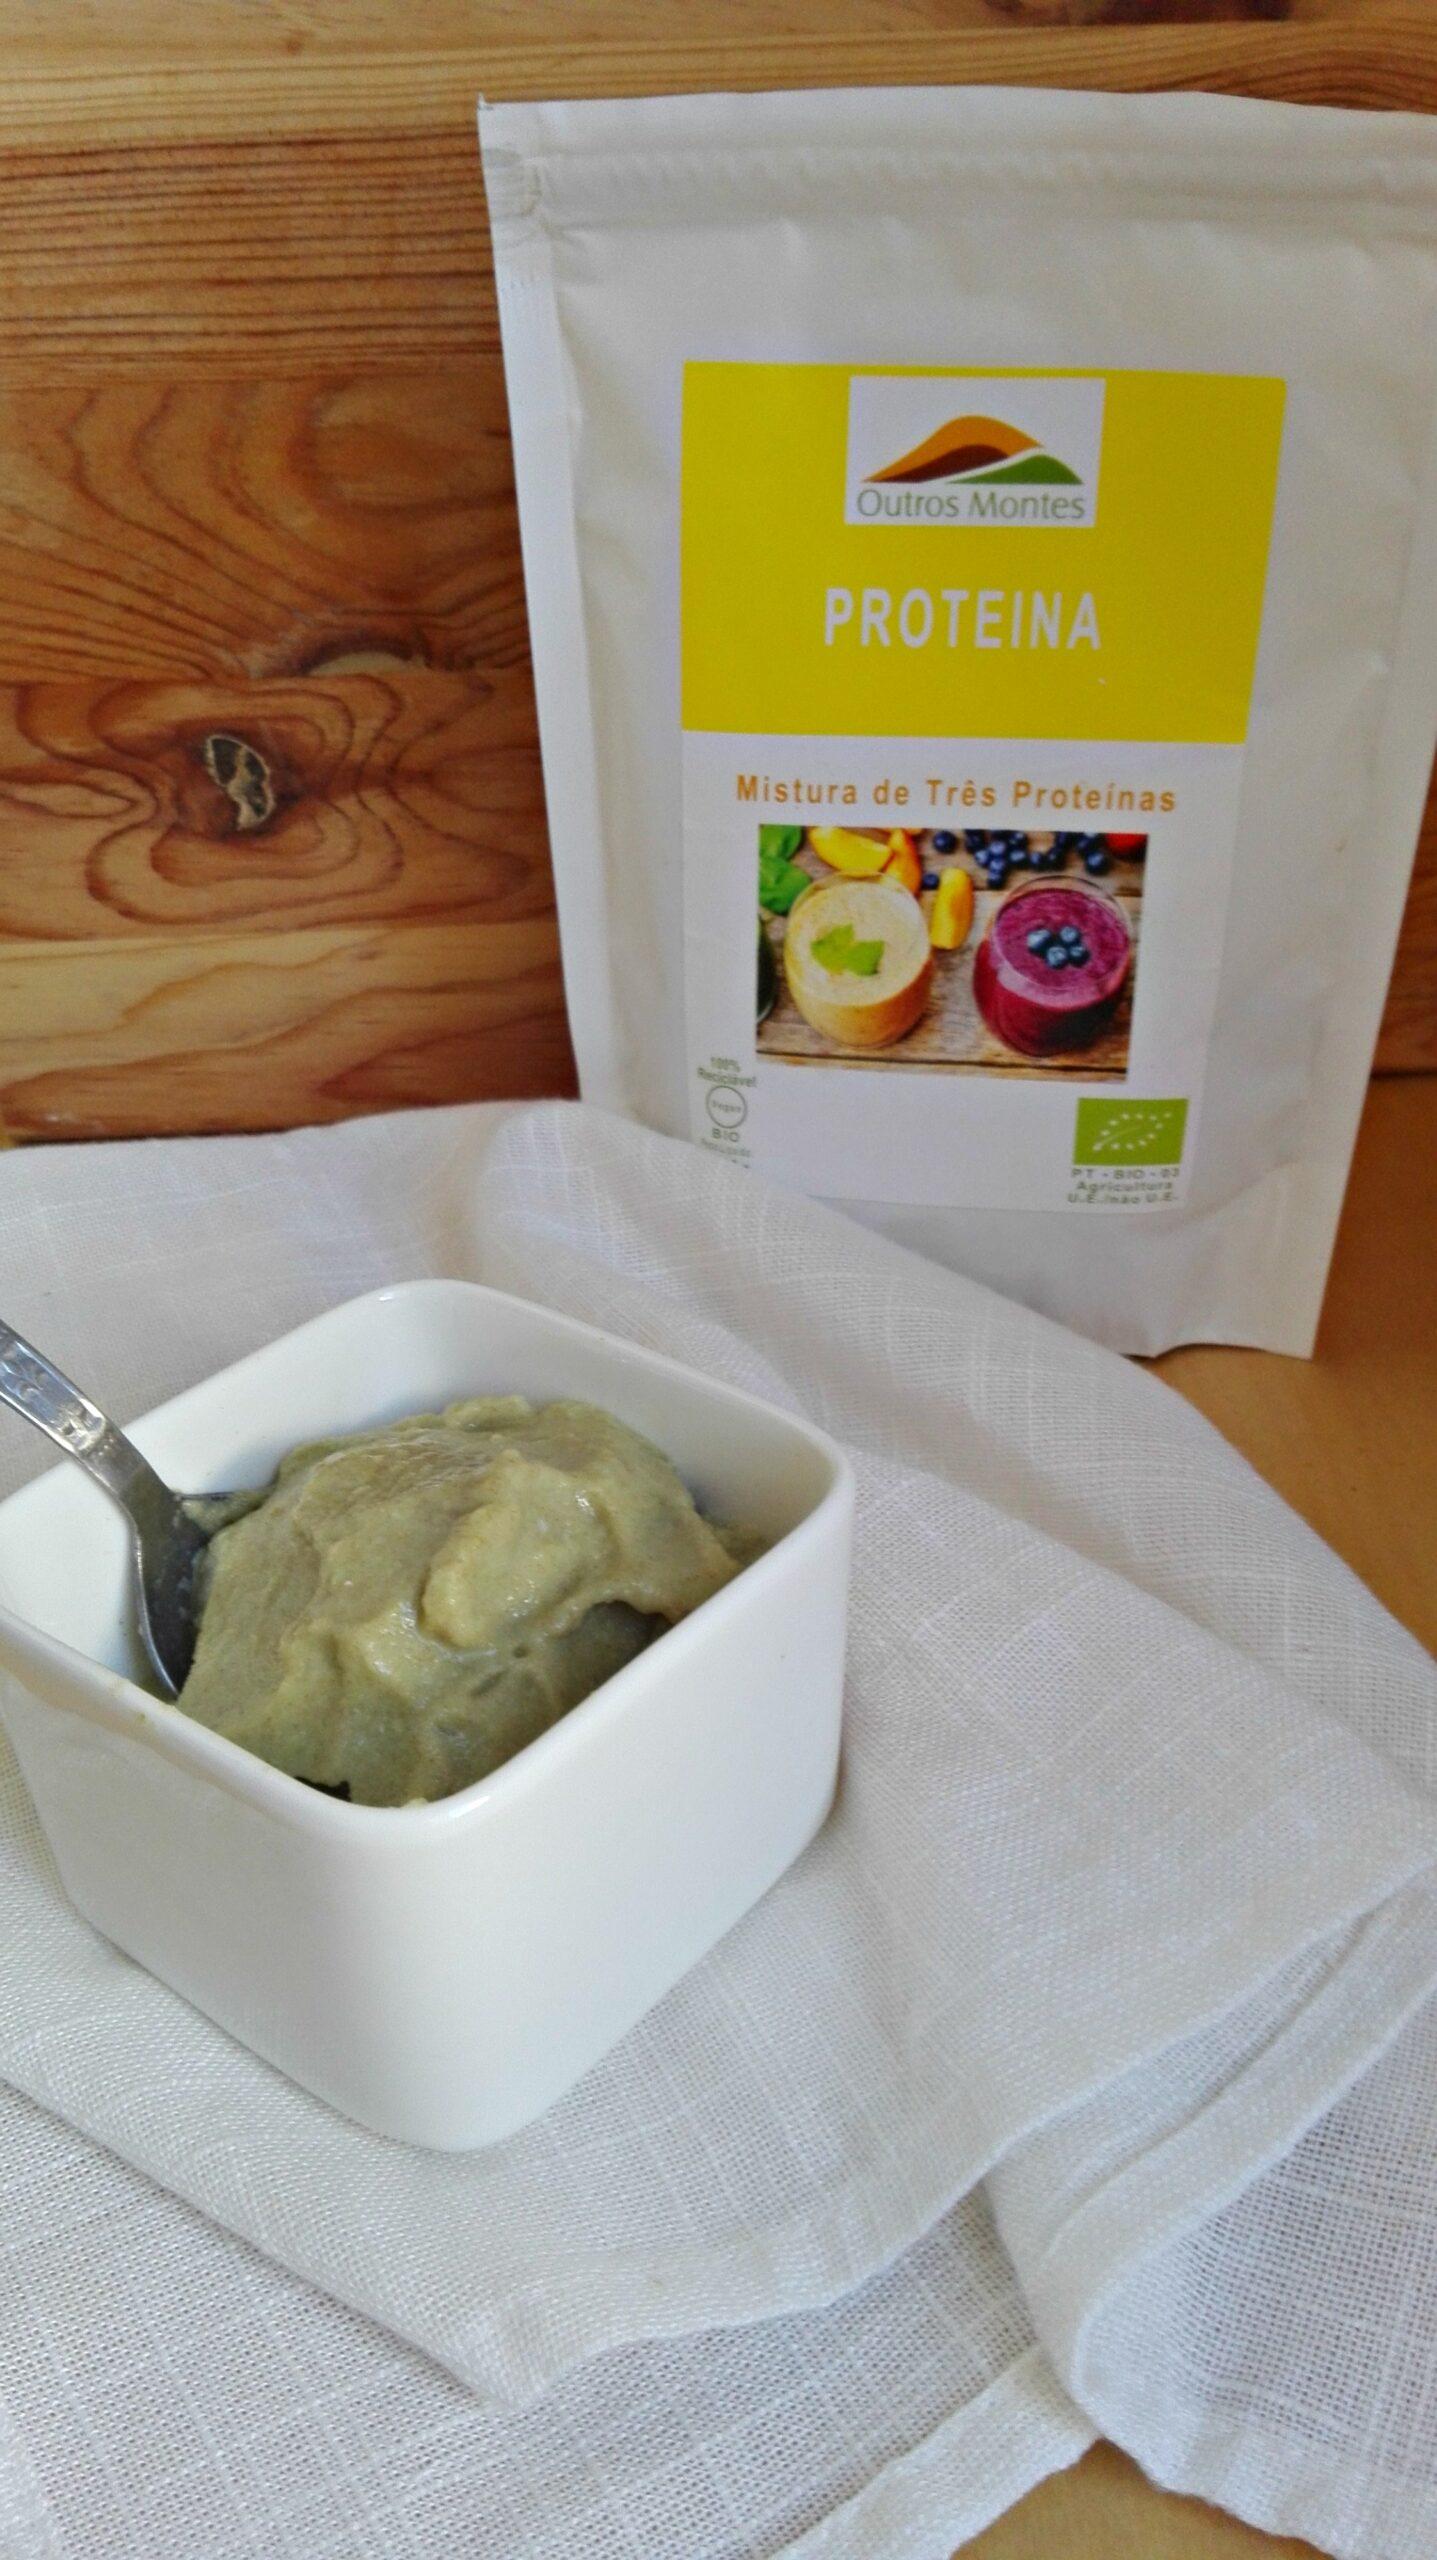 Gelado de meloa e Mistura de Três Proteínas Outros Montes